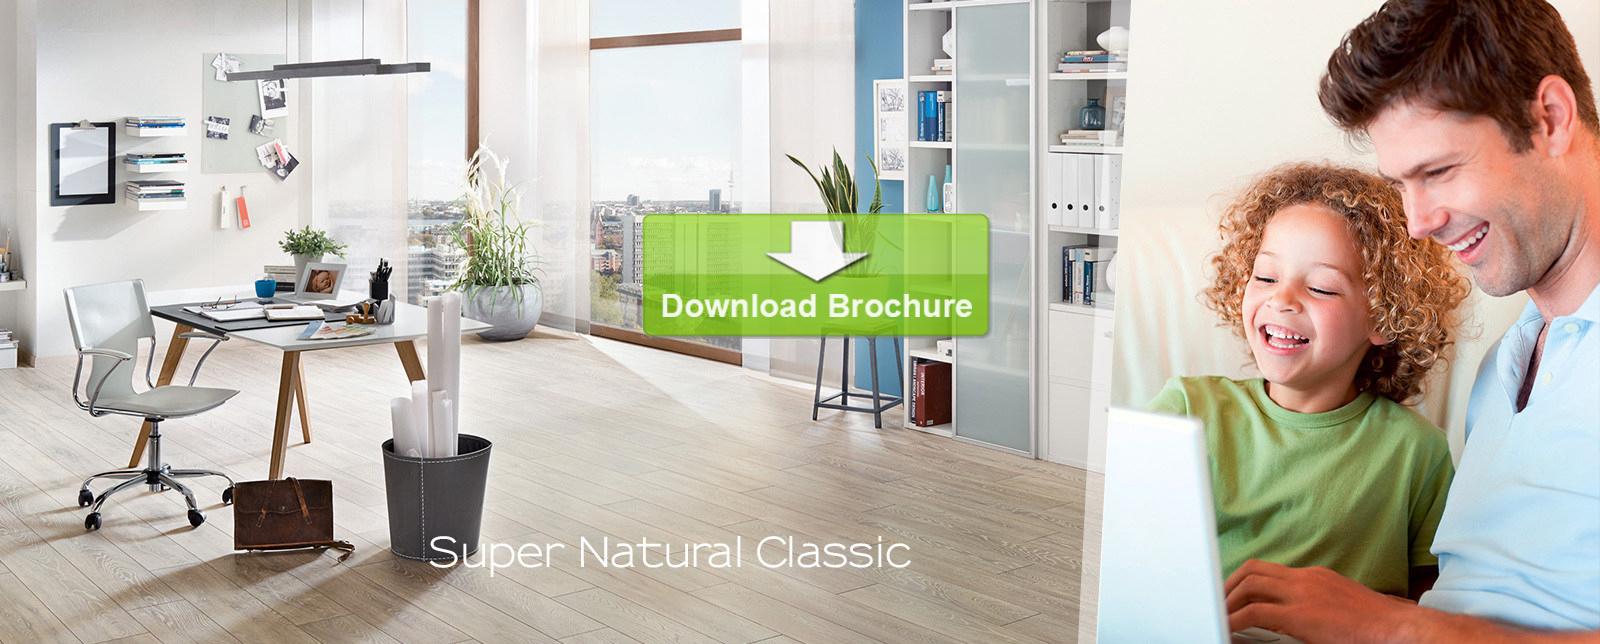 super nature classic floor